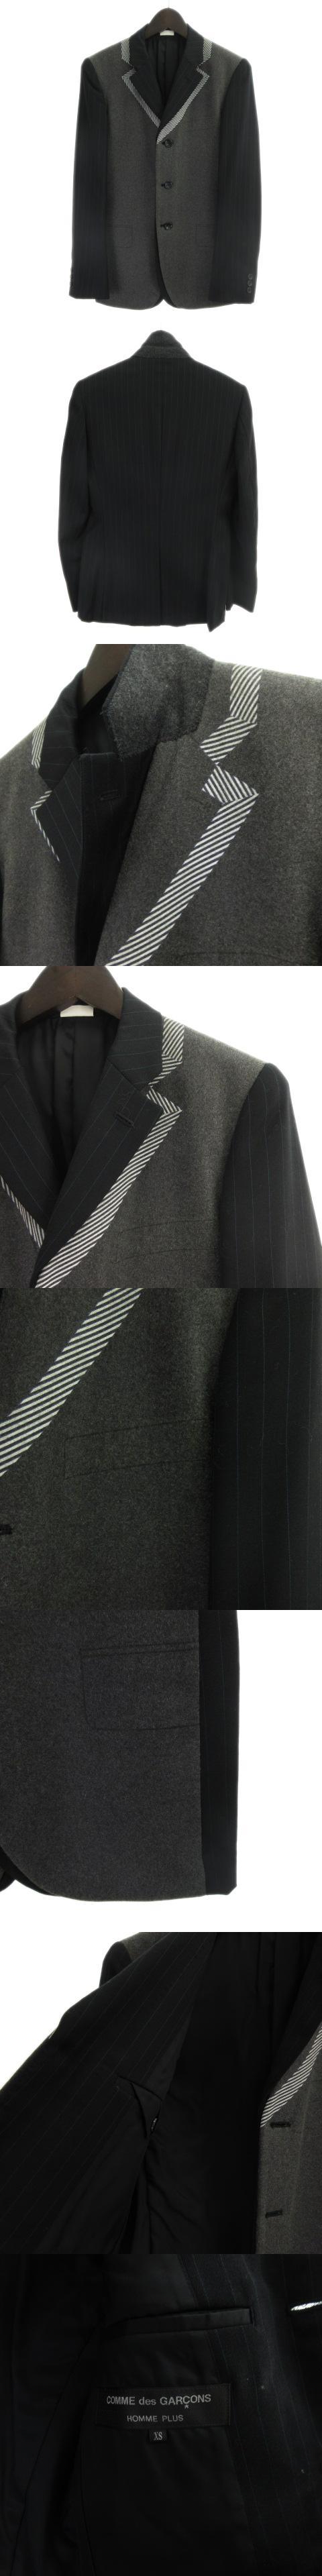 09AW Fashon Illusion期 テーラードジャケット 切替 フェイクレイヤード AD2009 ウール マルチカラー XS